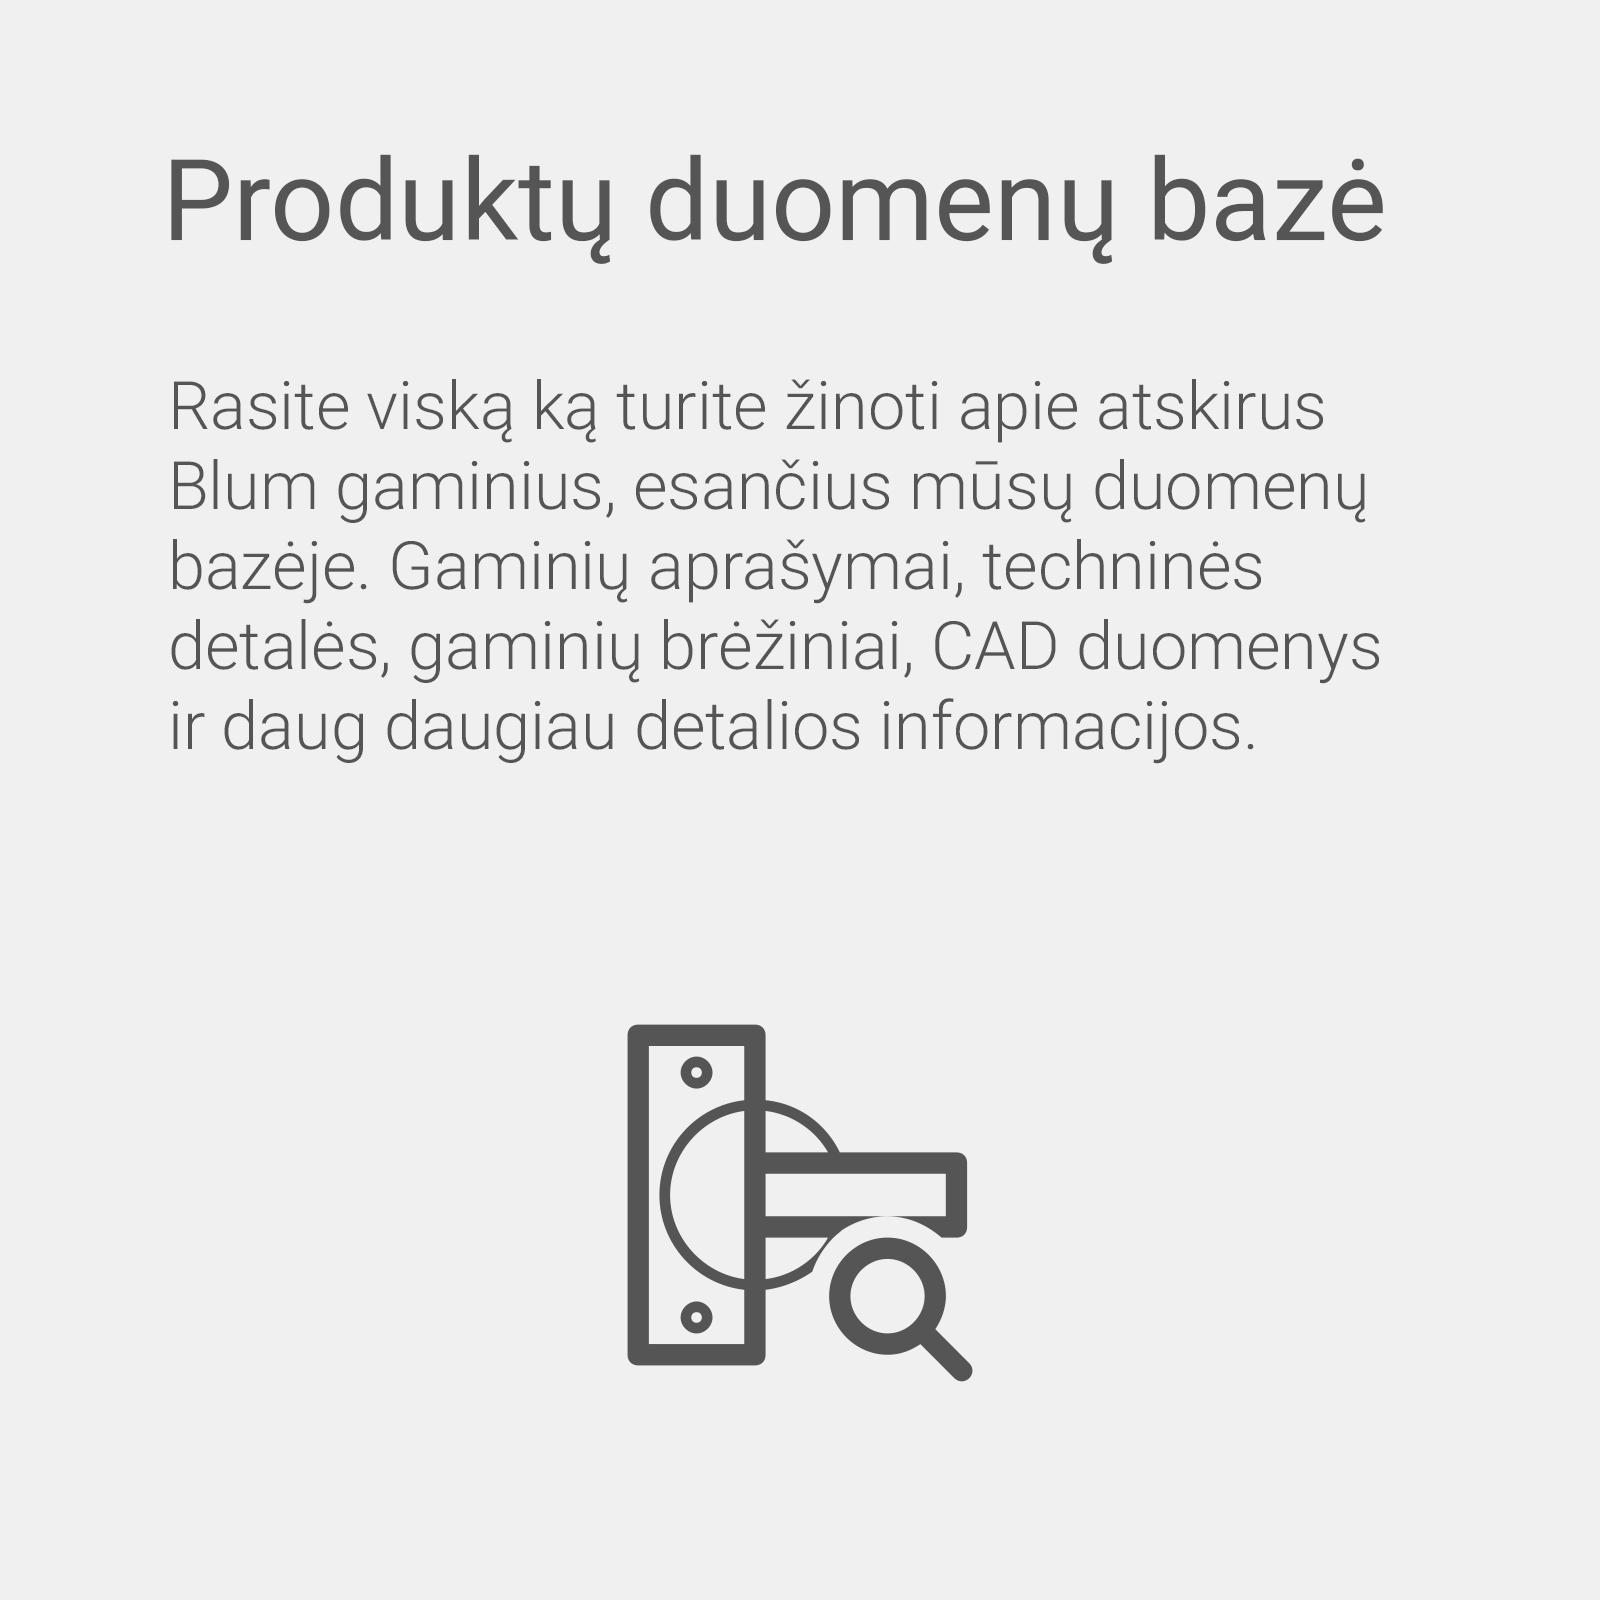 e-services_produktu_duomenu_baze